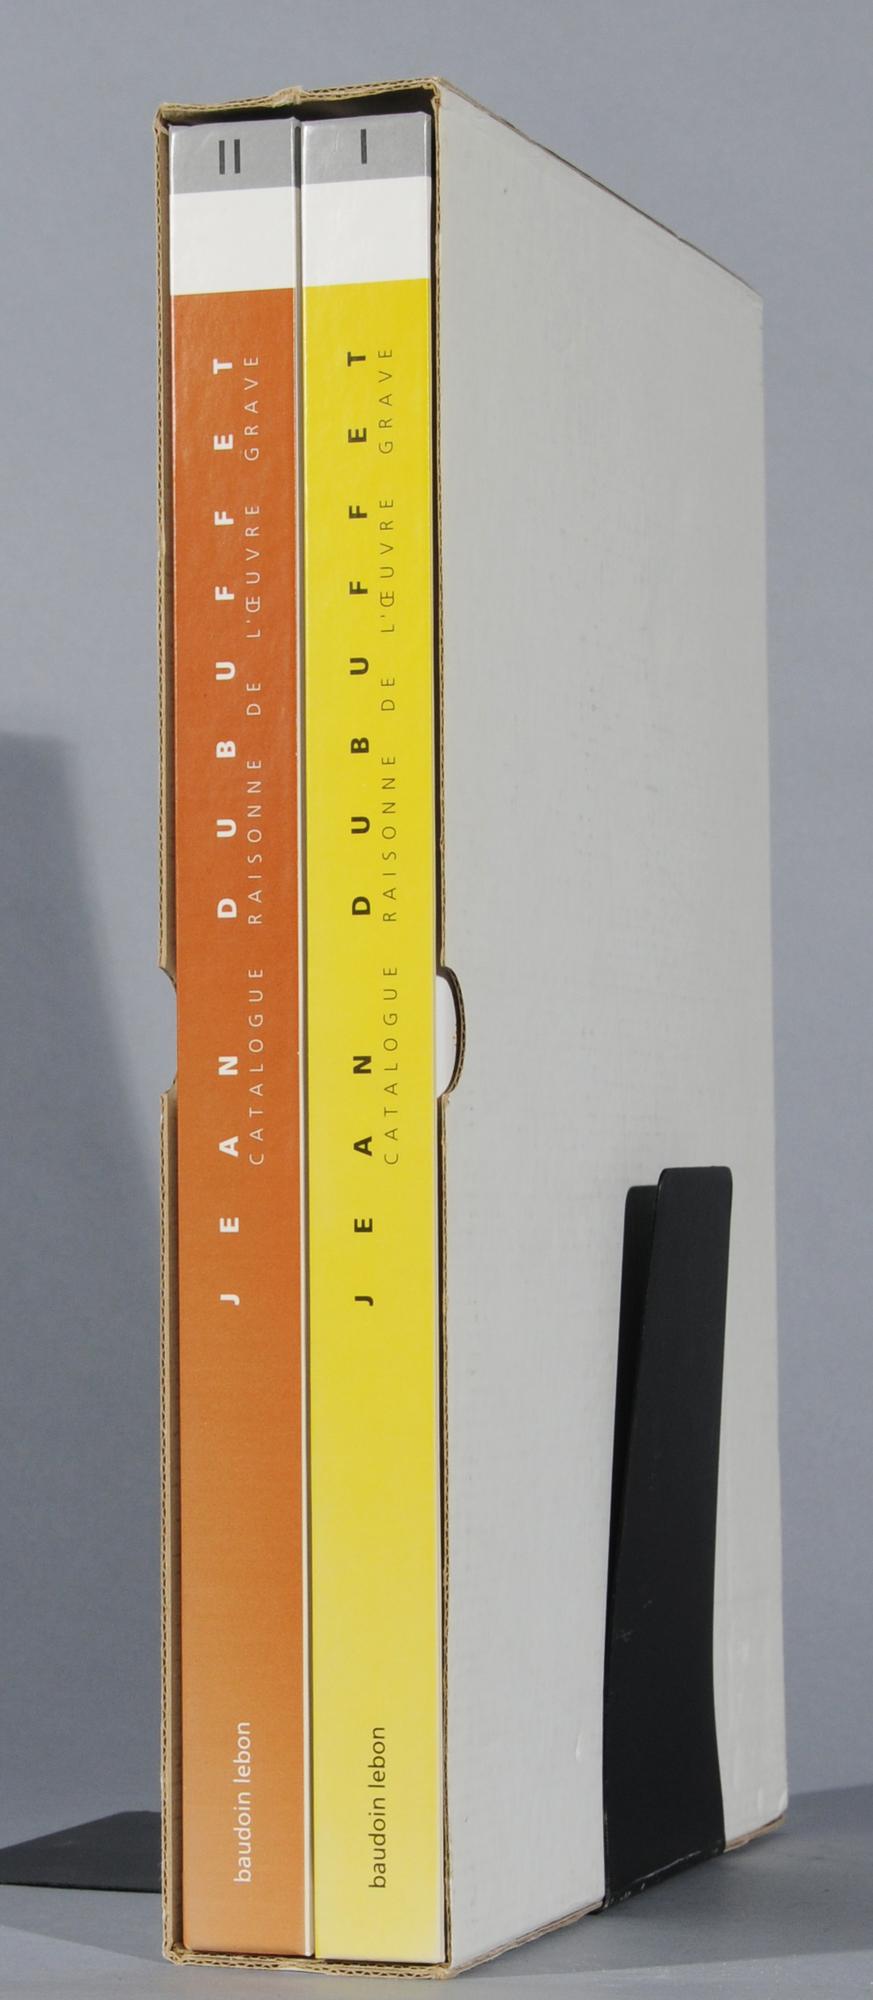 Dubuffet Jean, Catalogue Raisonné. Sophie Webel. L'oeuvre gravé et les livres illustrés par Jean Dubuffet, Catalogue raisonné I et II